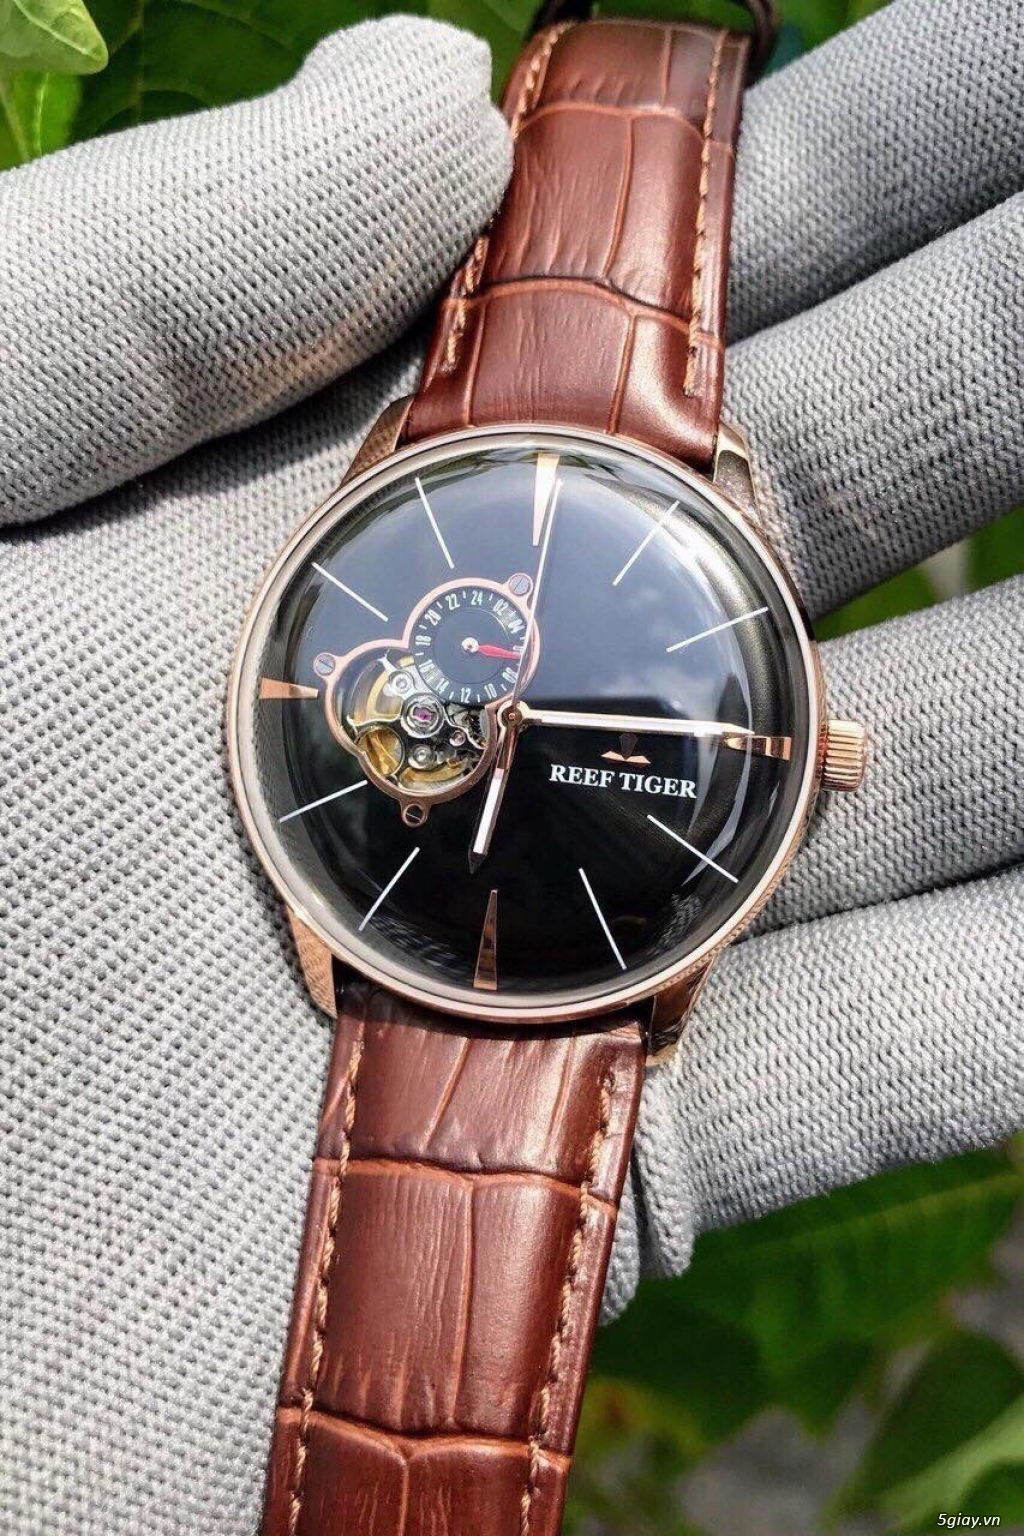 Shop đồng hồ xách tay tại biên hoà đồng nai - 3